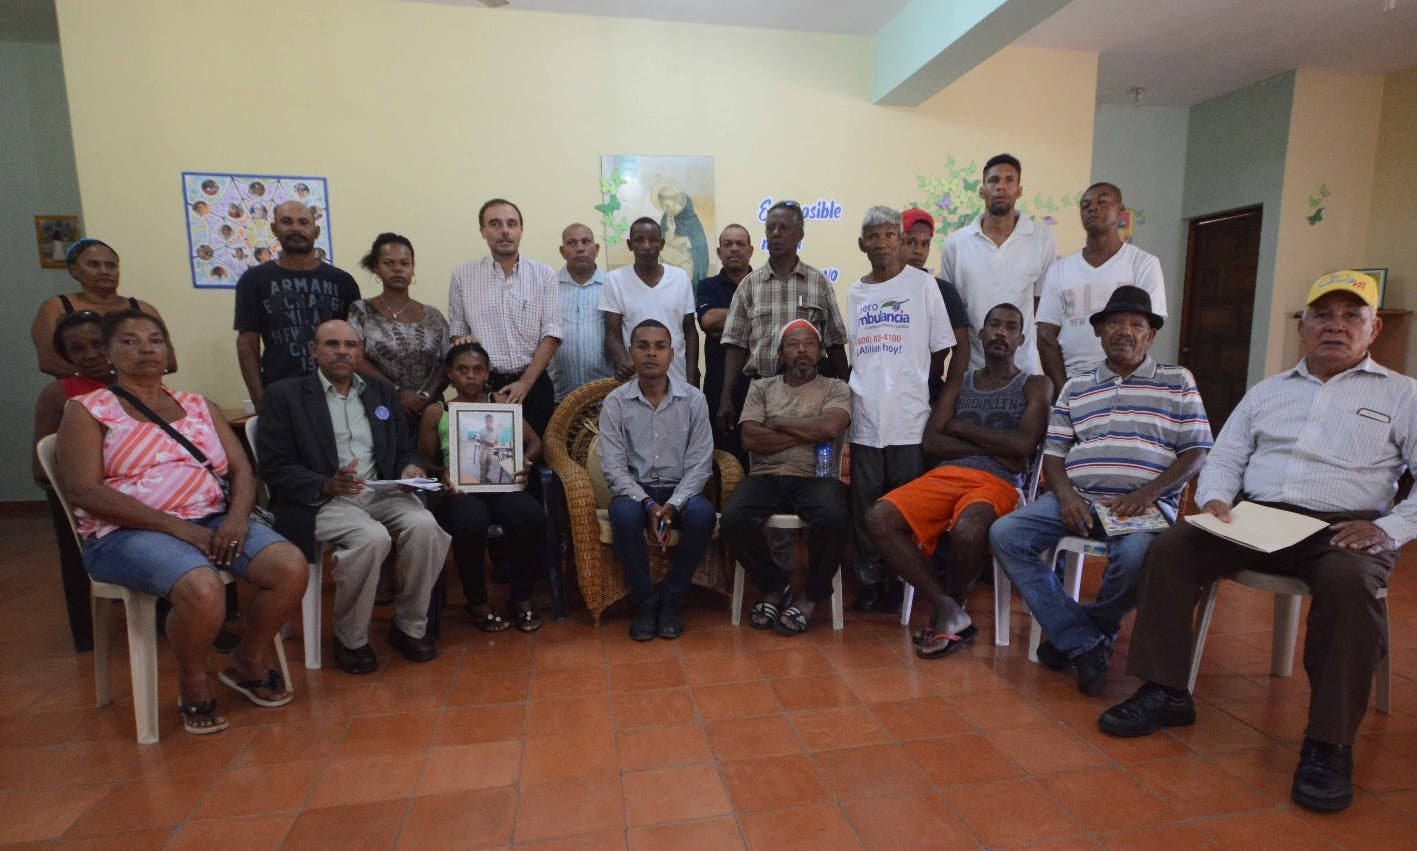 Campesinos  El Seibo cumplen 44 años luchando por  tierra que ponen  producir